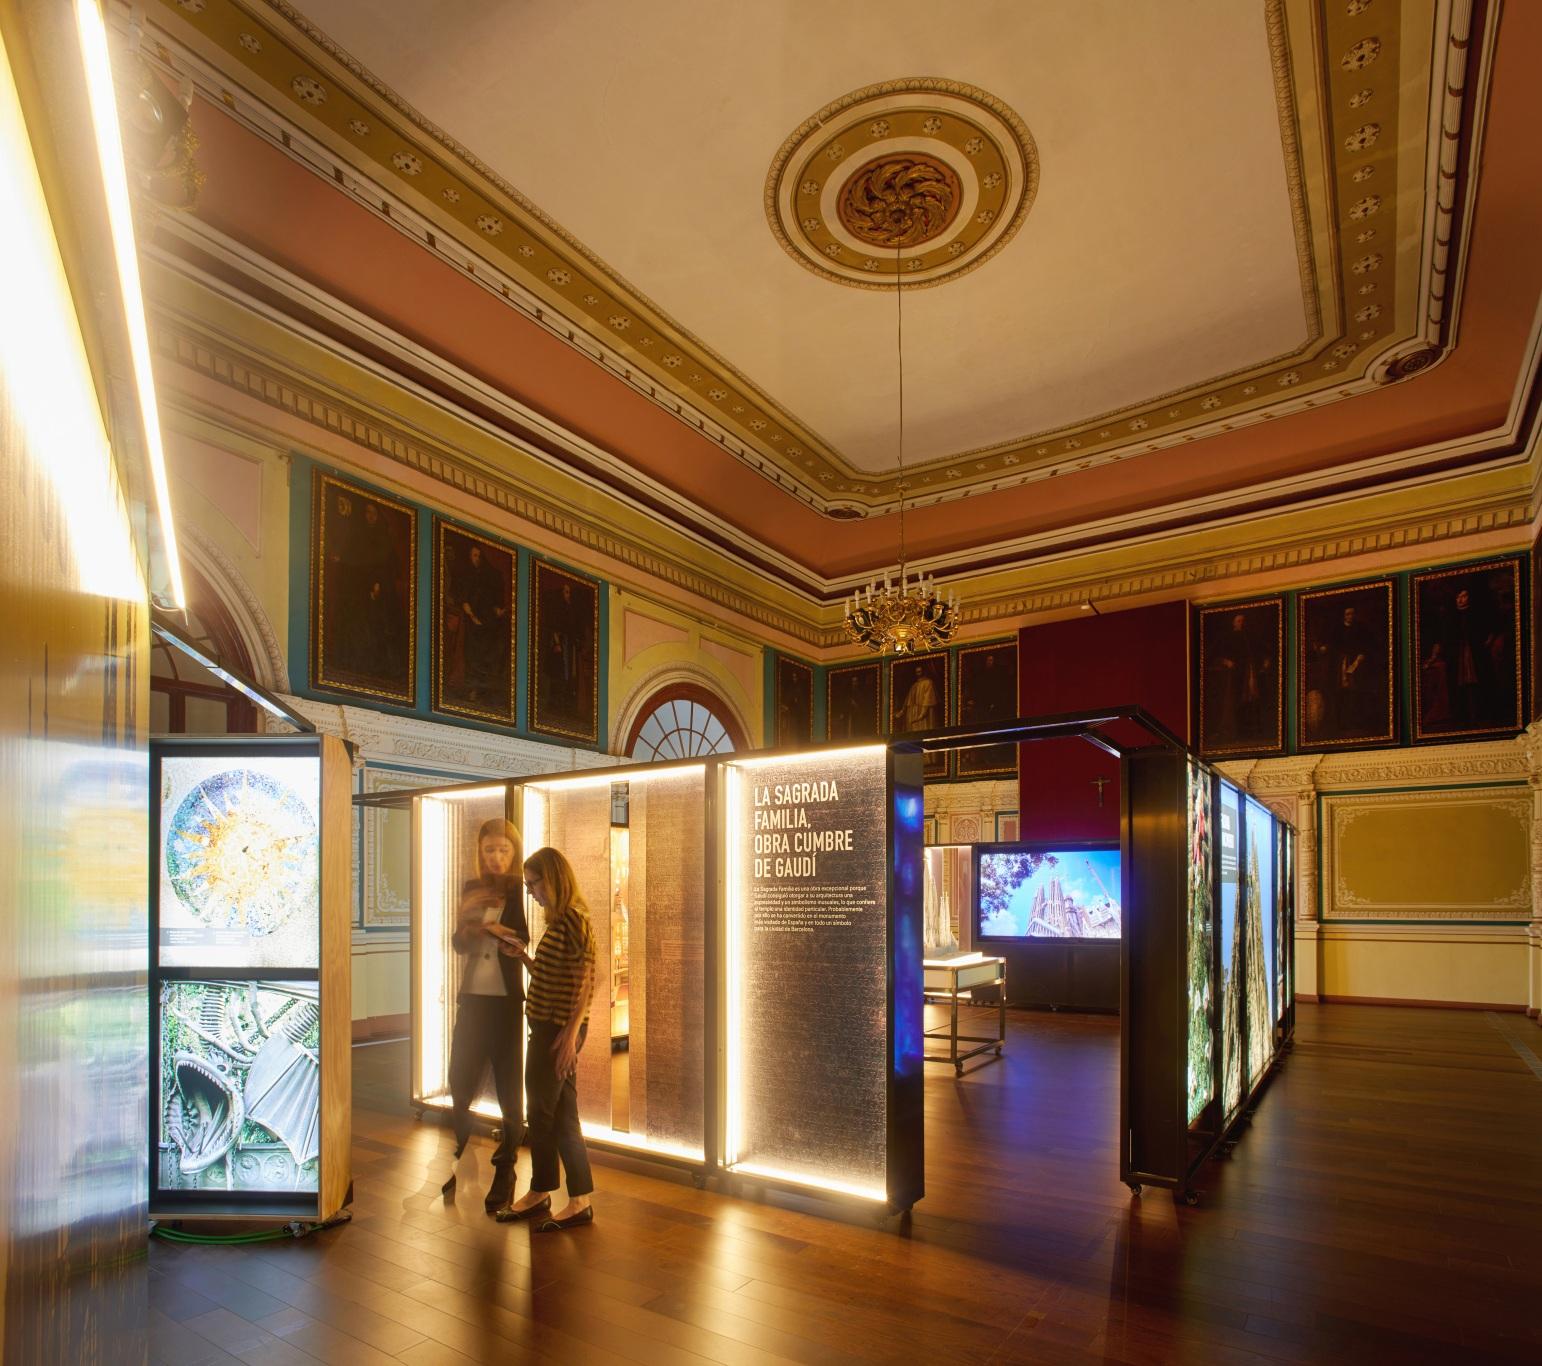 Exposición Gaudí Sagrada Familia. Imágenes en cajas iluminadas. Dos visitantes en sala antigua.